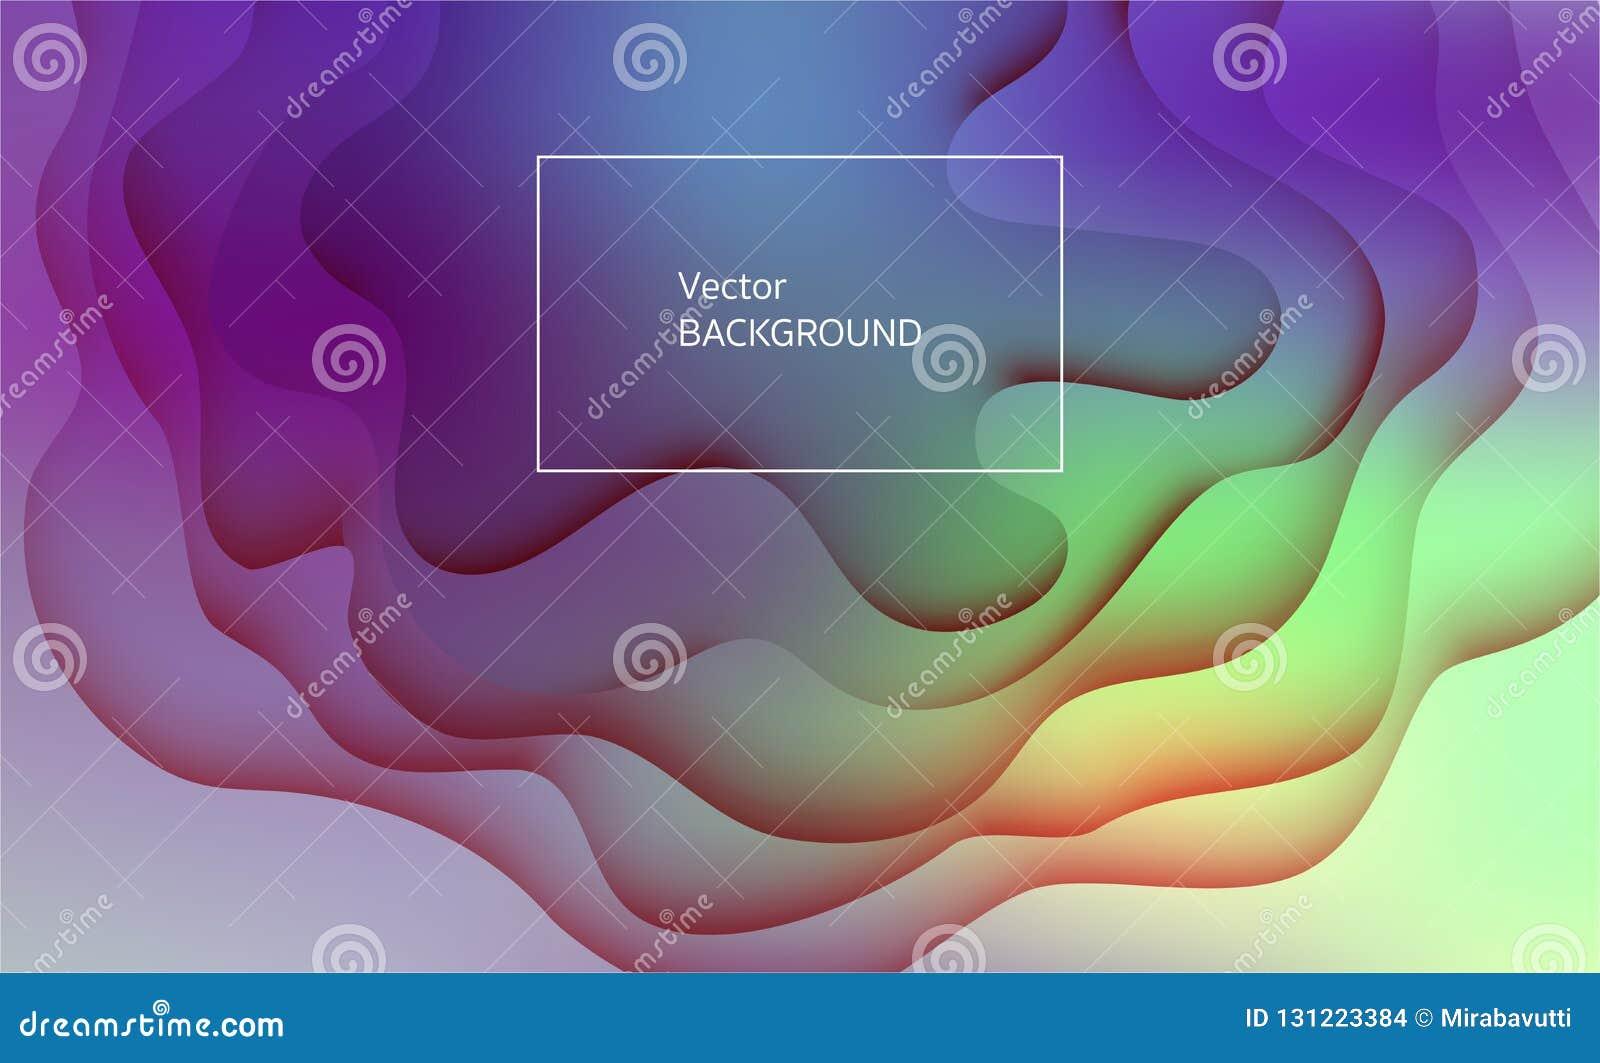 Abstrakter und moderner Vektorhintergrund Papierschnitteffekt